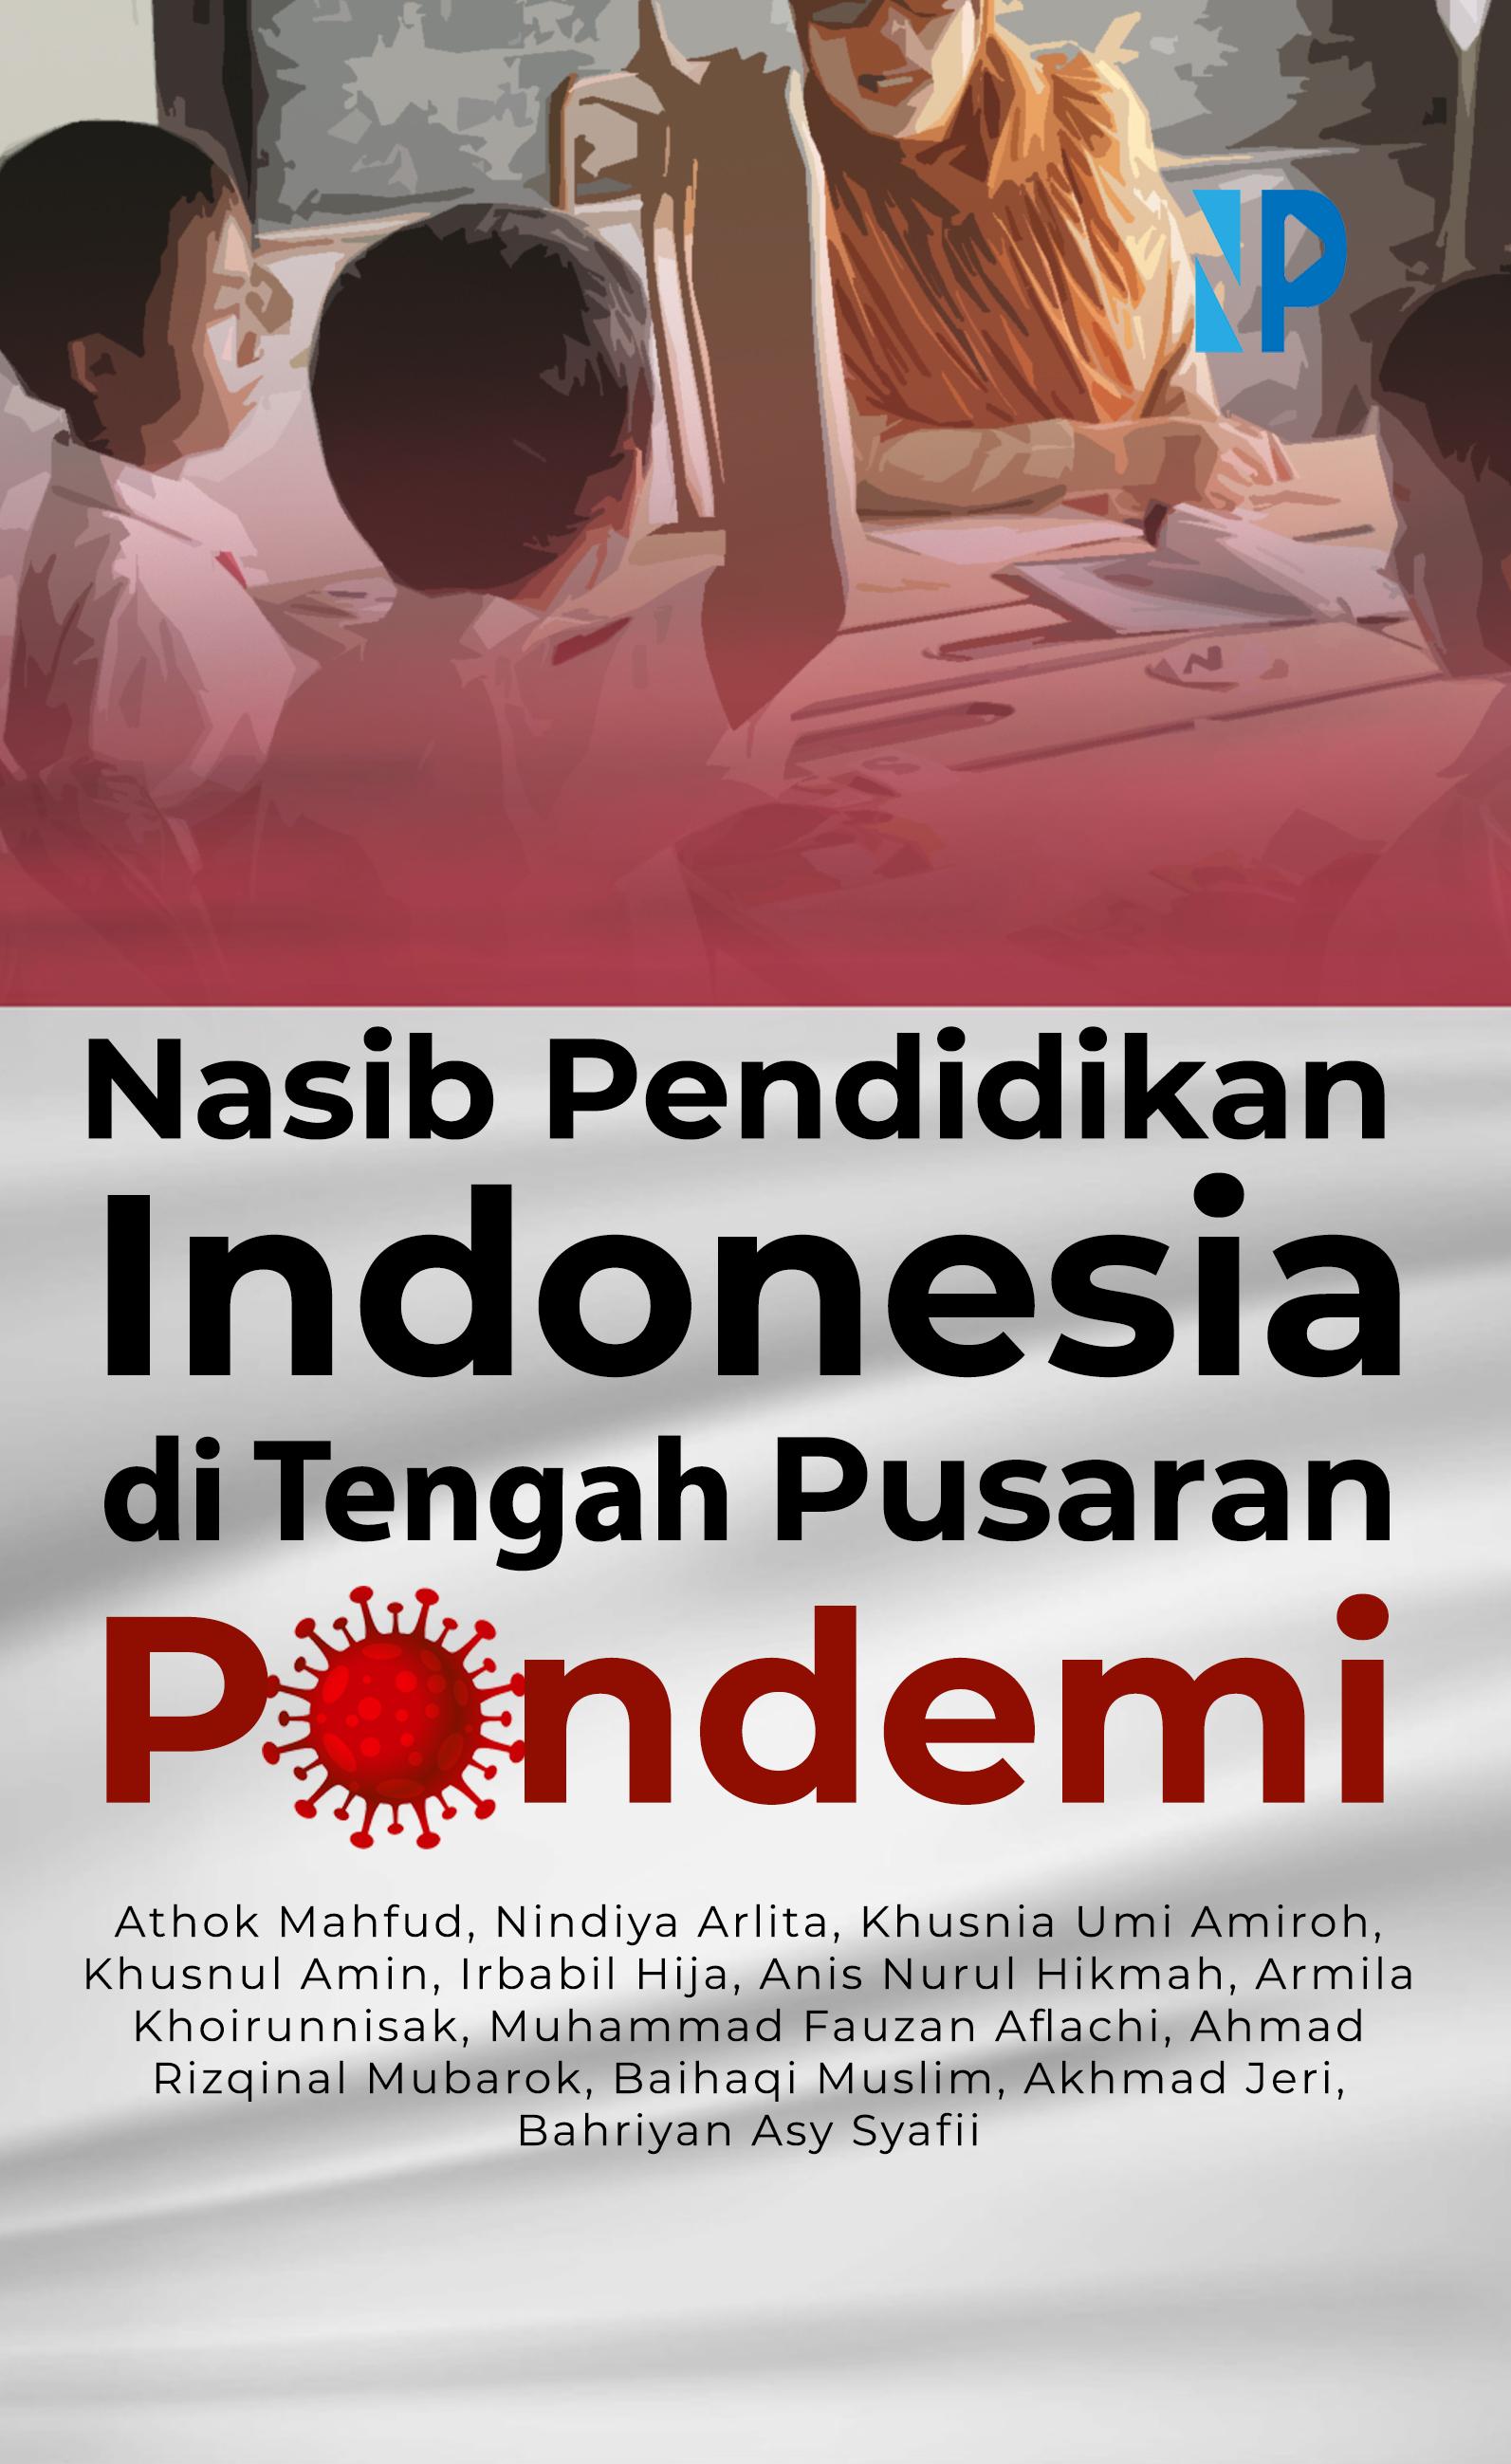 Nasib pendidikan Indonesia di tengah pusaran pandemi [sumber elektronis]